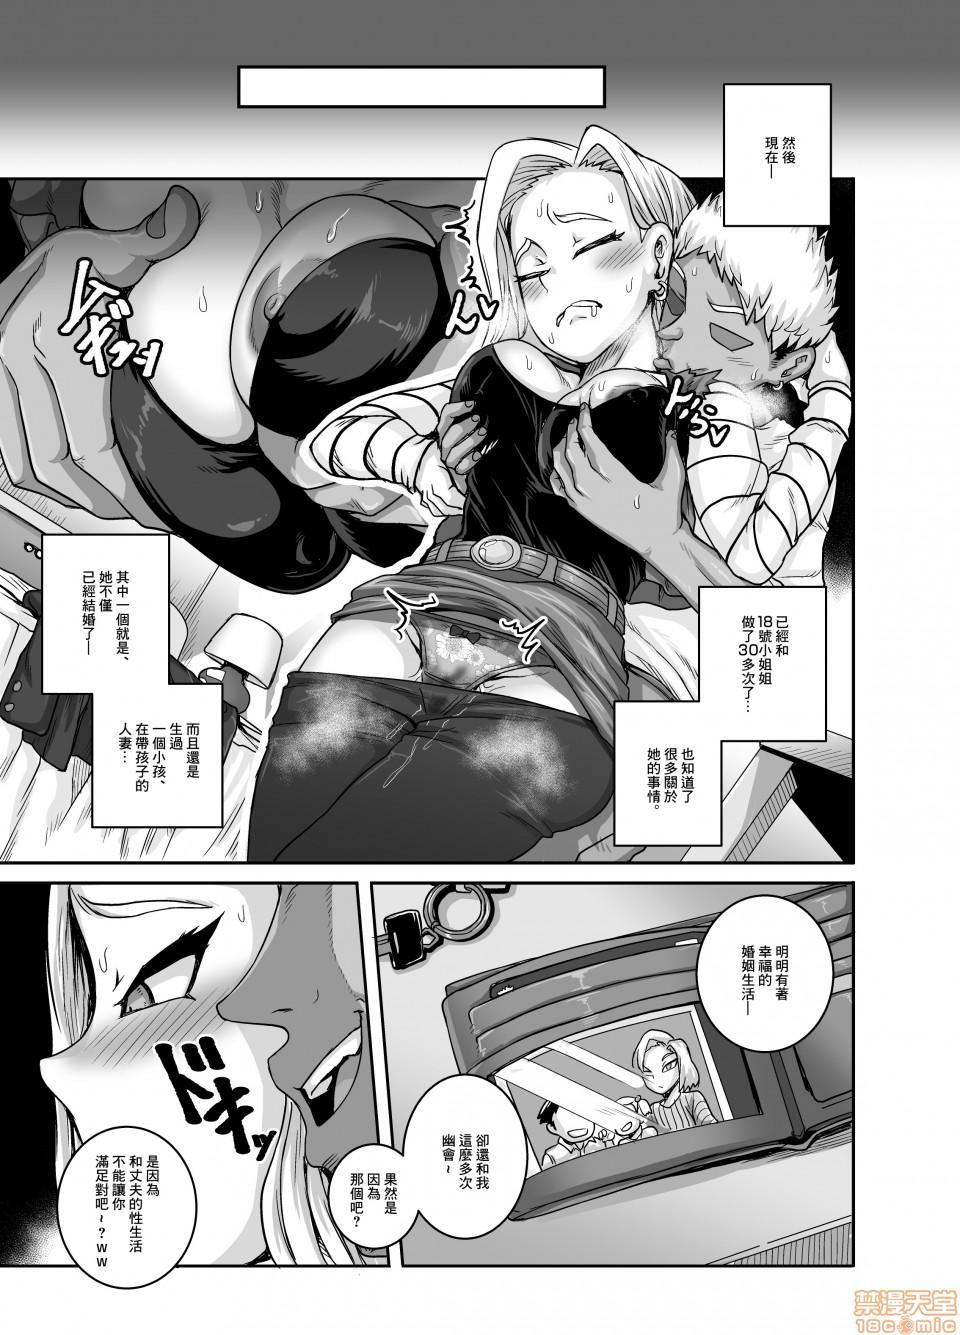 性欲に勝てないオンナ(人造人間)+ フルカラー4ページ漫画(ラフタリア&ツナデ) 11